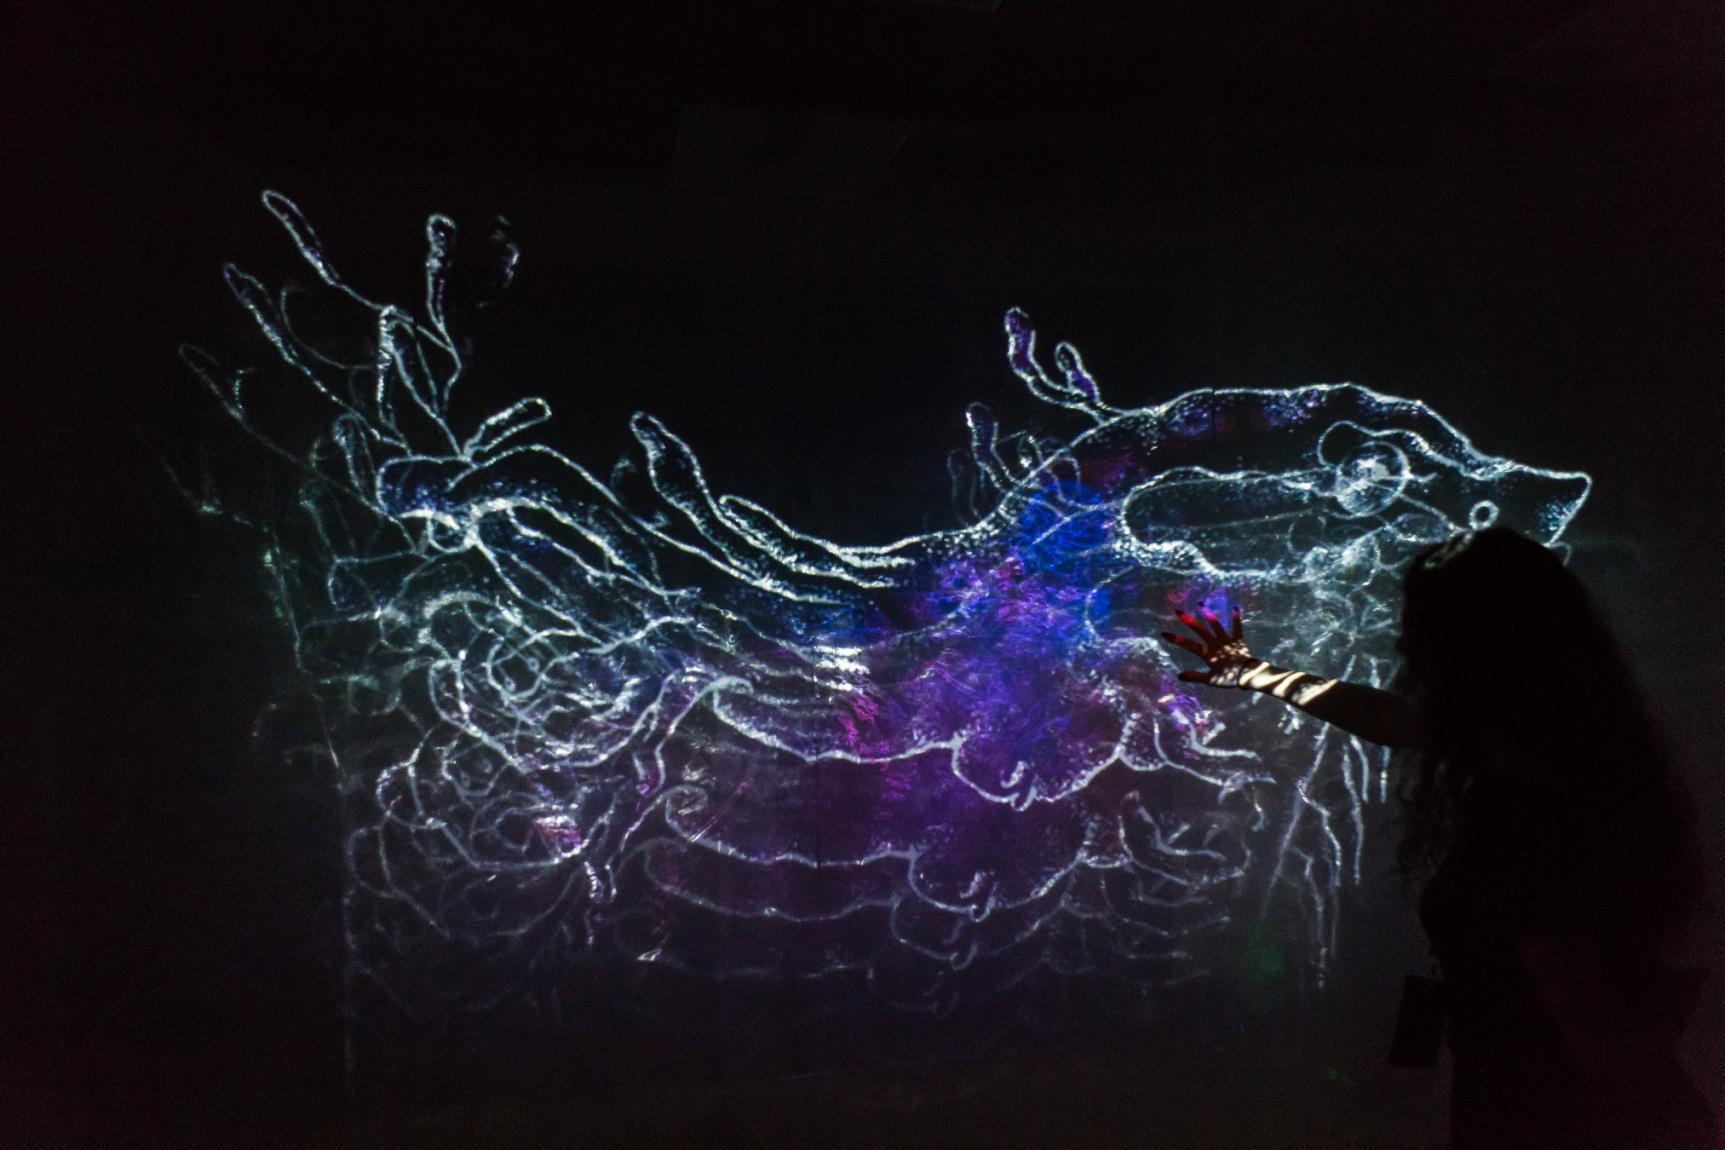 Κάποιες από τις ψηφιακές δημιουργίες του φεστιβάλ